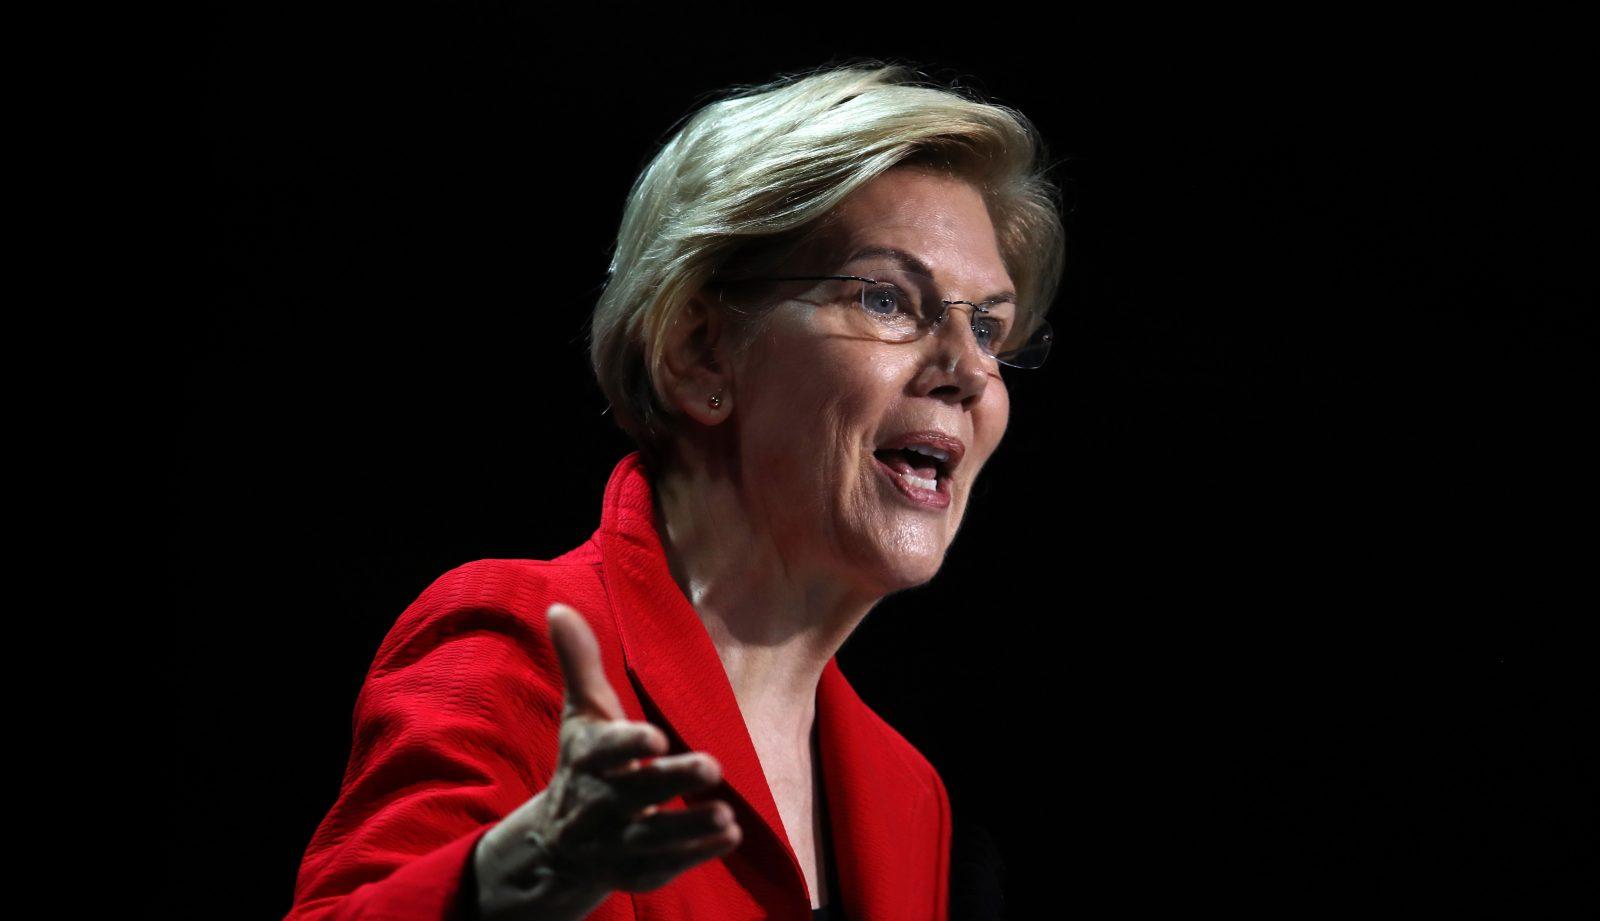 Perché le donne devono dimostrare di essere più forti degli uomini per essere elette in politica?